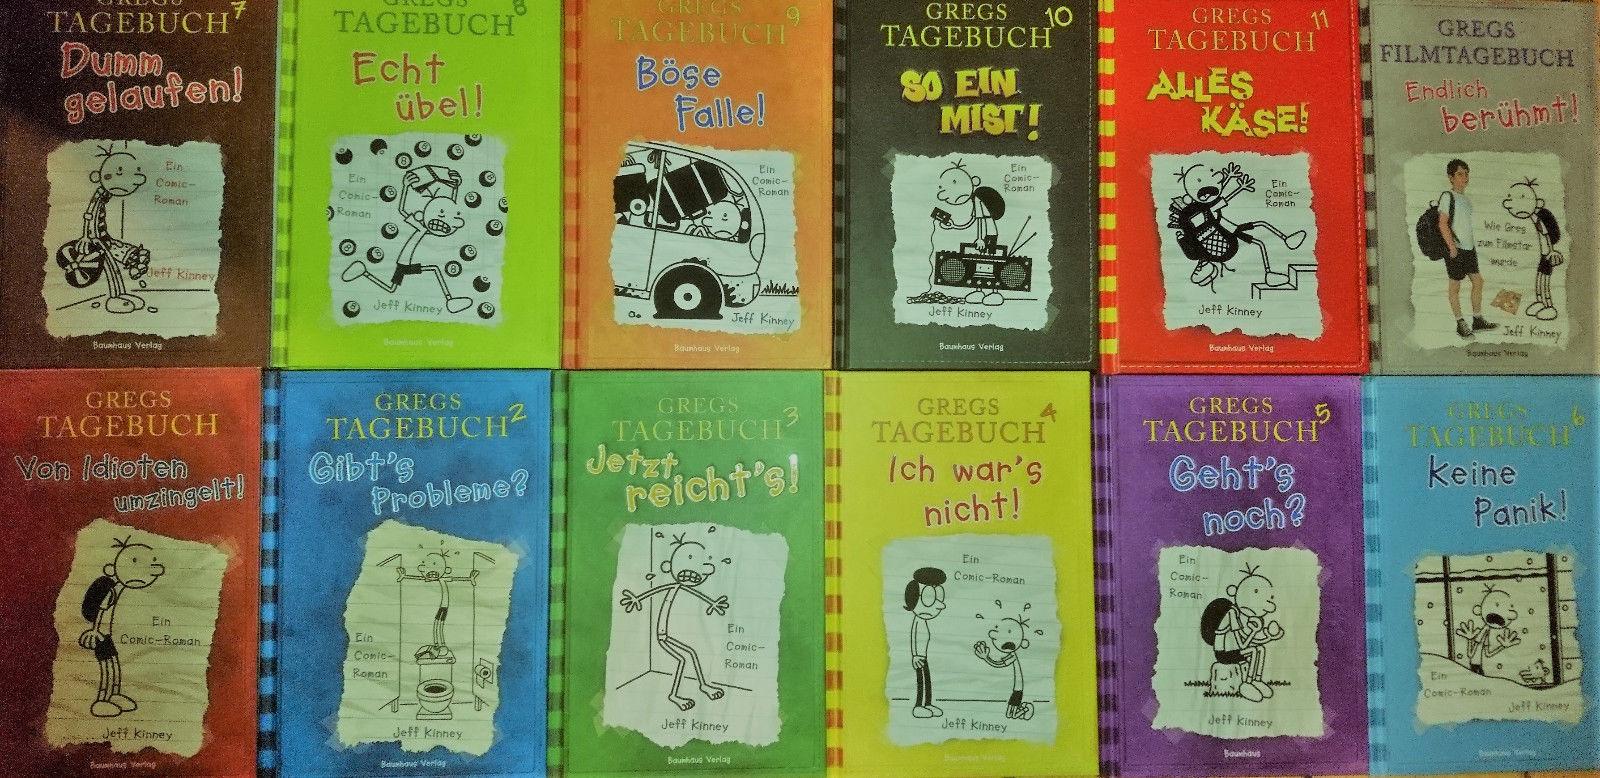 Gregs Tagebuch Band 1 bis 11 + Gregs Filmtagebuch(gebundene Ausgaben)